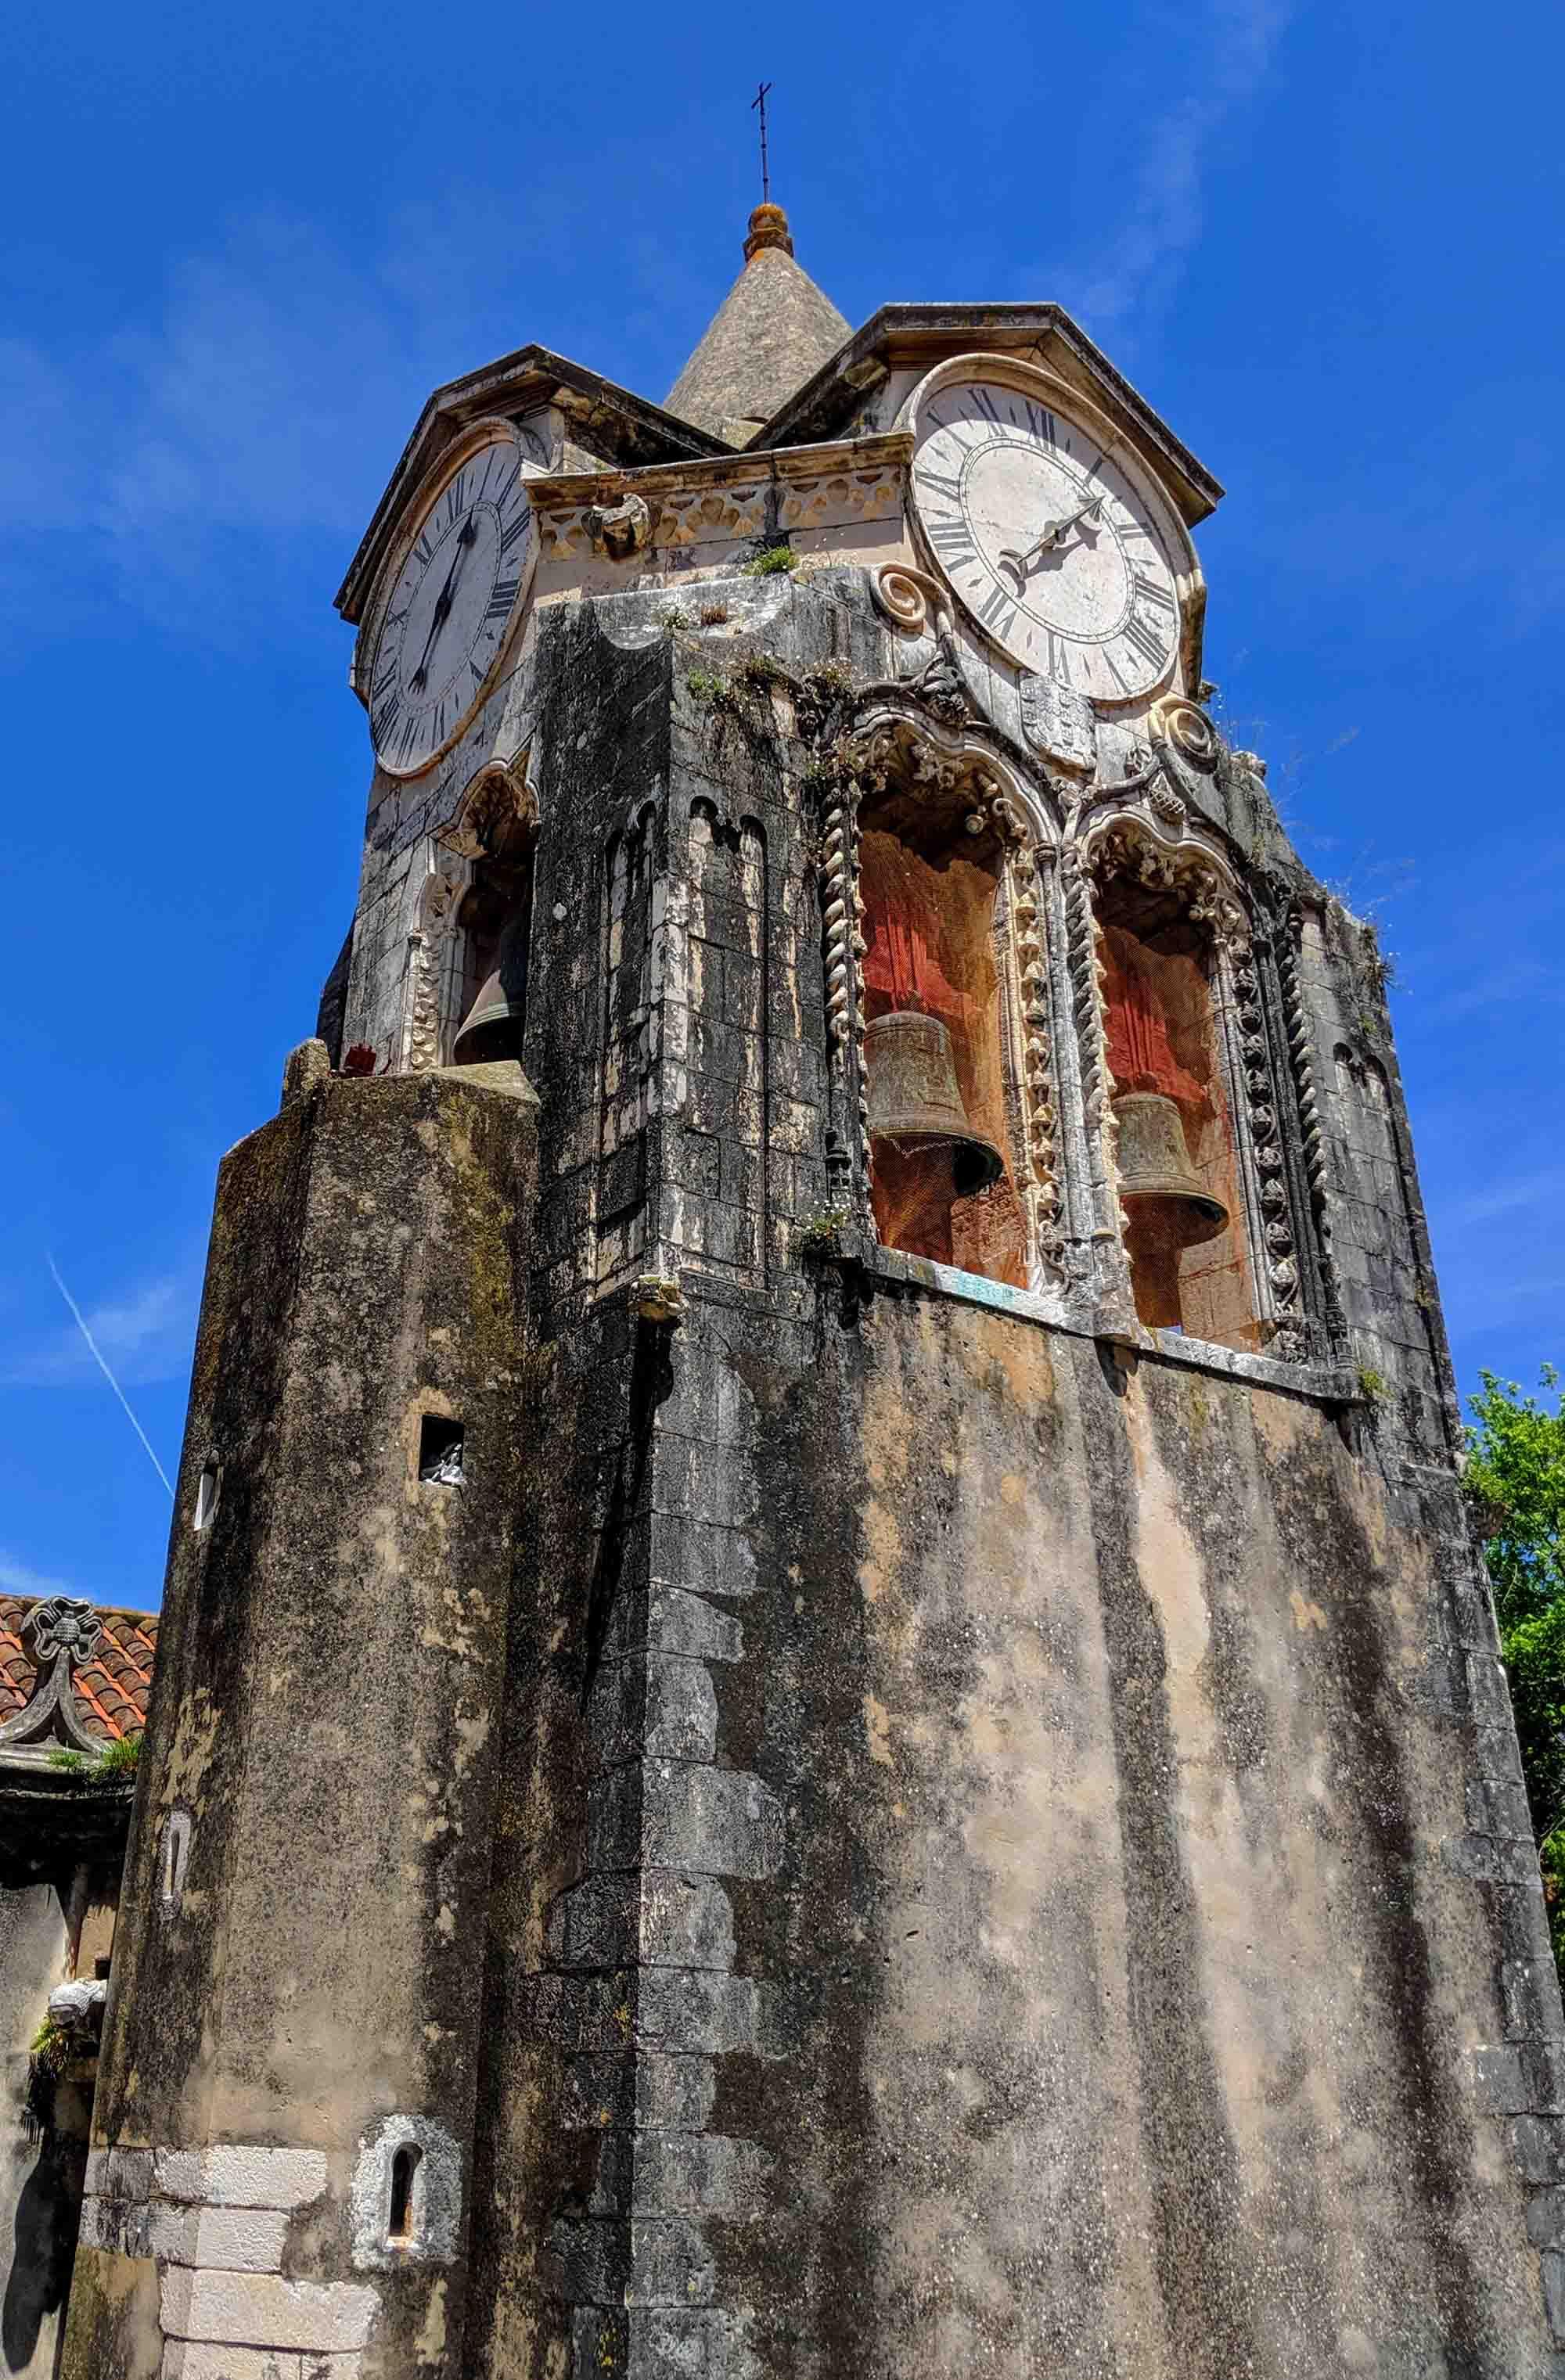 The Igreja de Nossa Senhora do populo